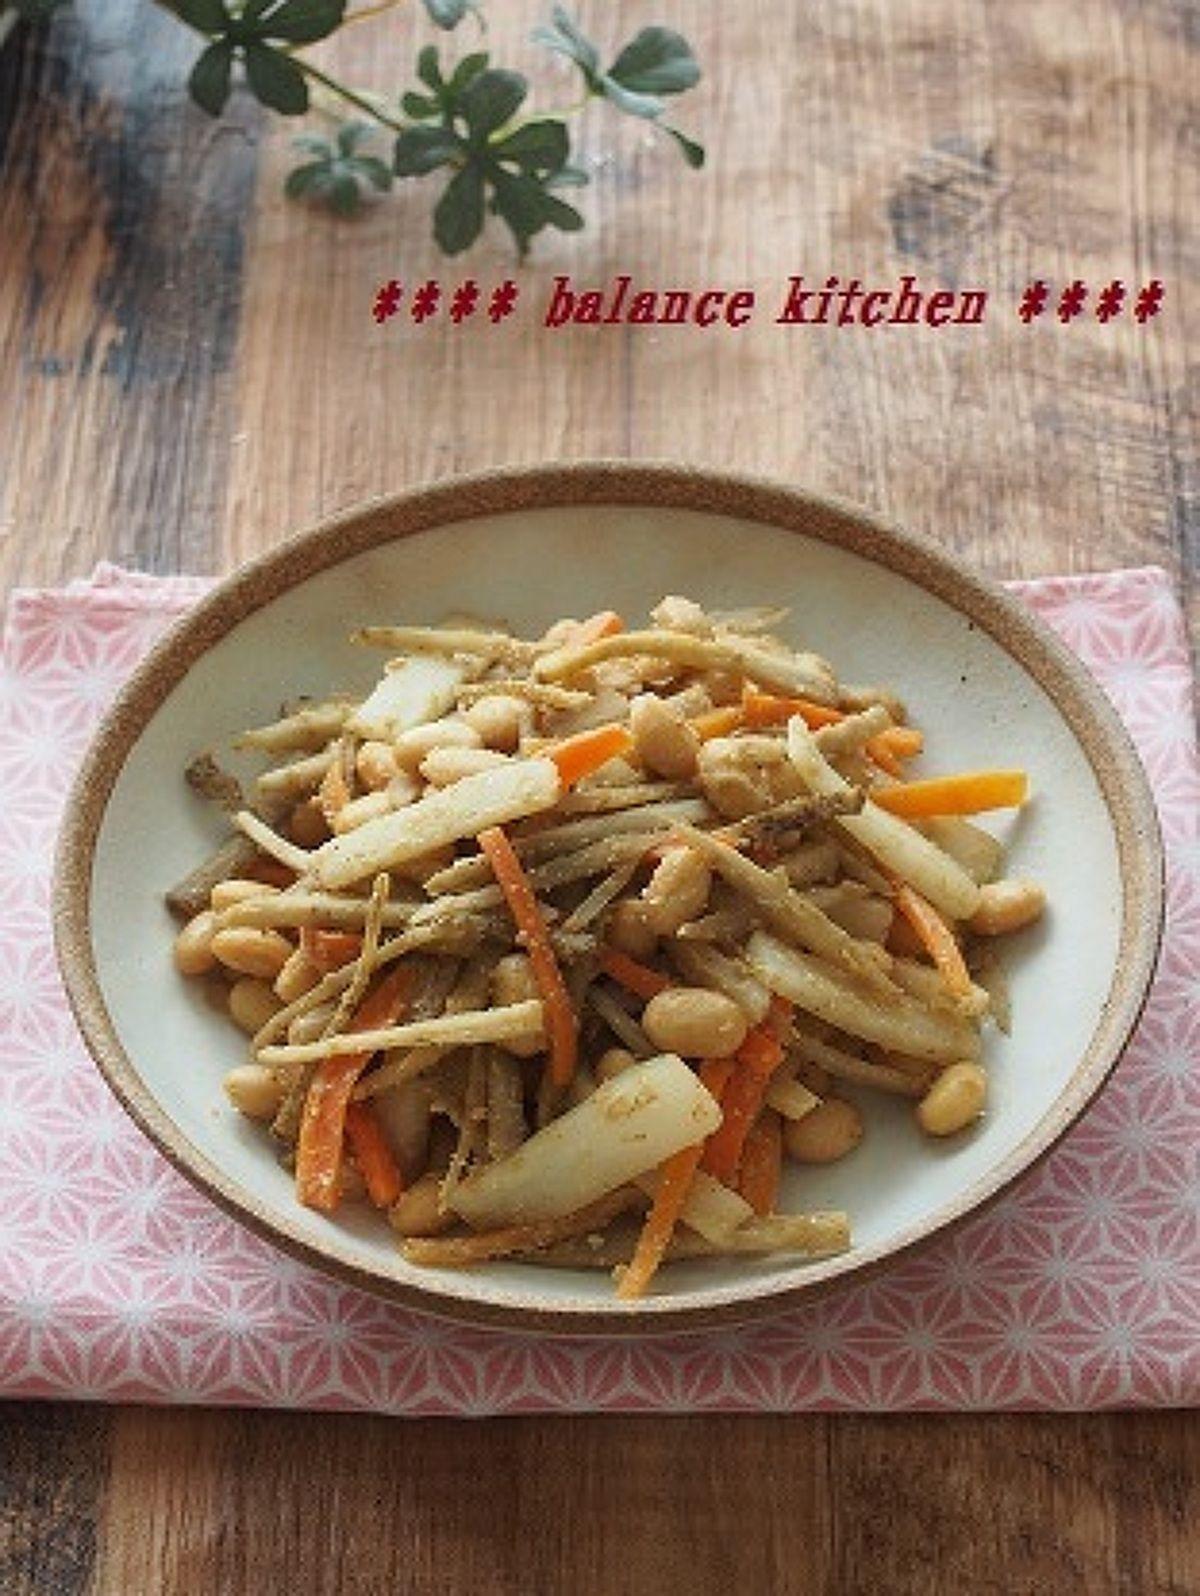 【美腸】常備菜。根菜と大豆のごまみそ炒め by 河埜 玲子 / 根菜と大豆の食物繊維、ごぼうのオリゴ糖で便秘解消に。しっかり噛むことで食べ過ぎ防止にも。ごまの風味で、薄味でも満足感があります。 / Nadia